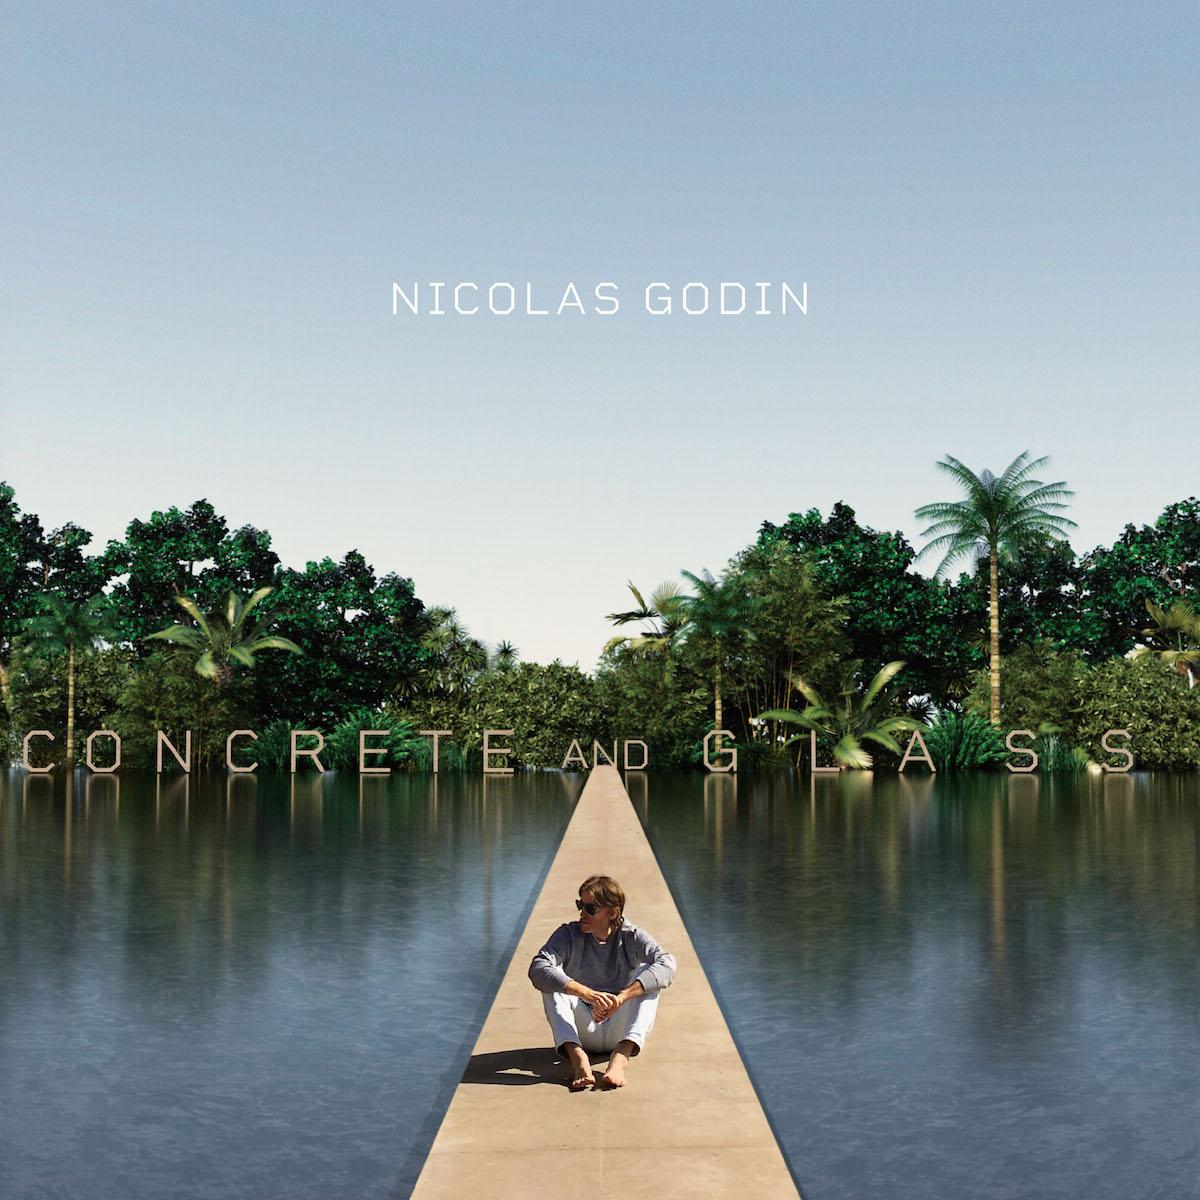 Concrete and Glass - Nicolas Godin